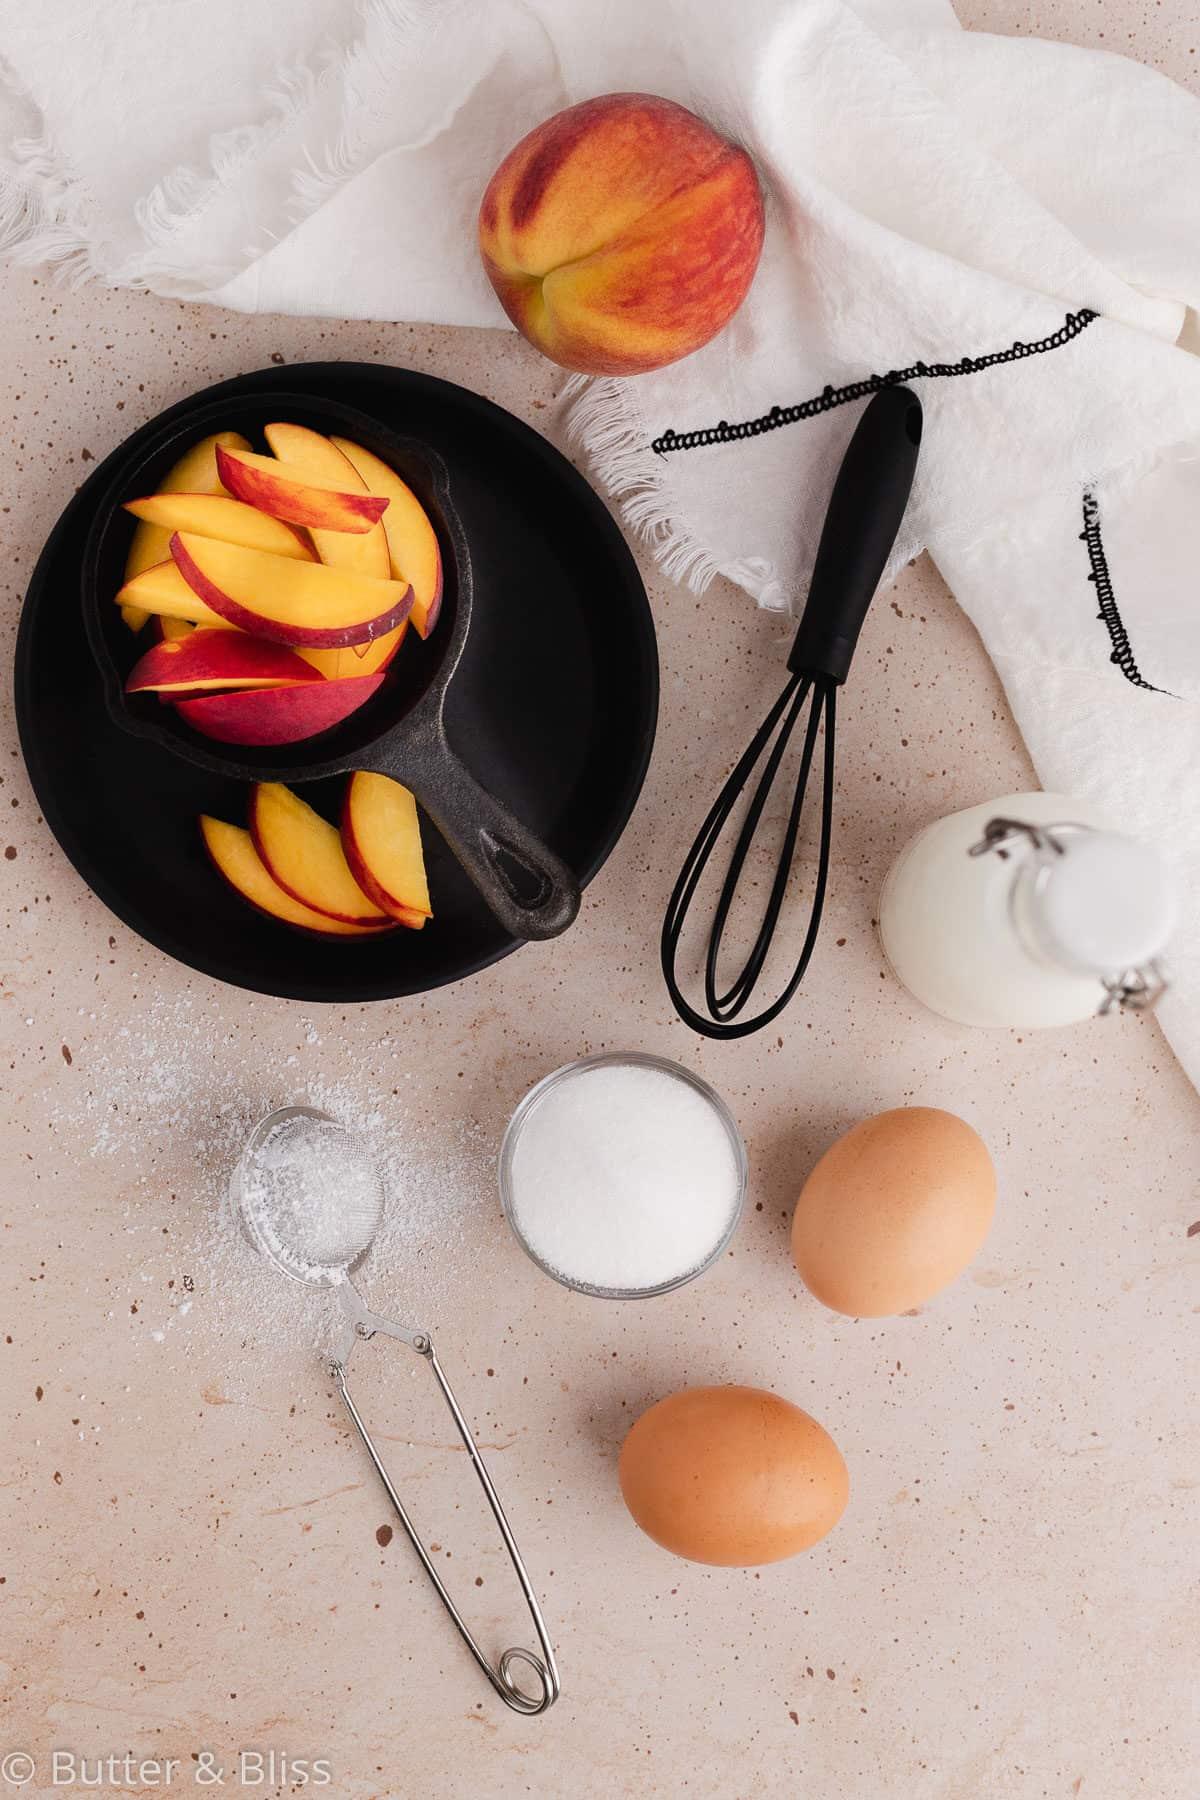 Ingredients for mini peach clafoutis